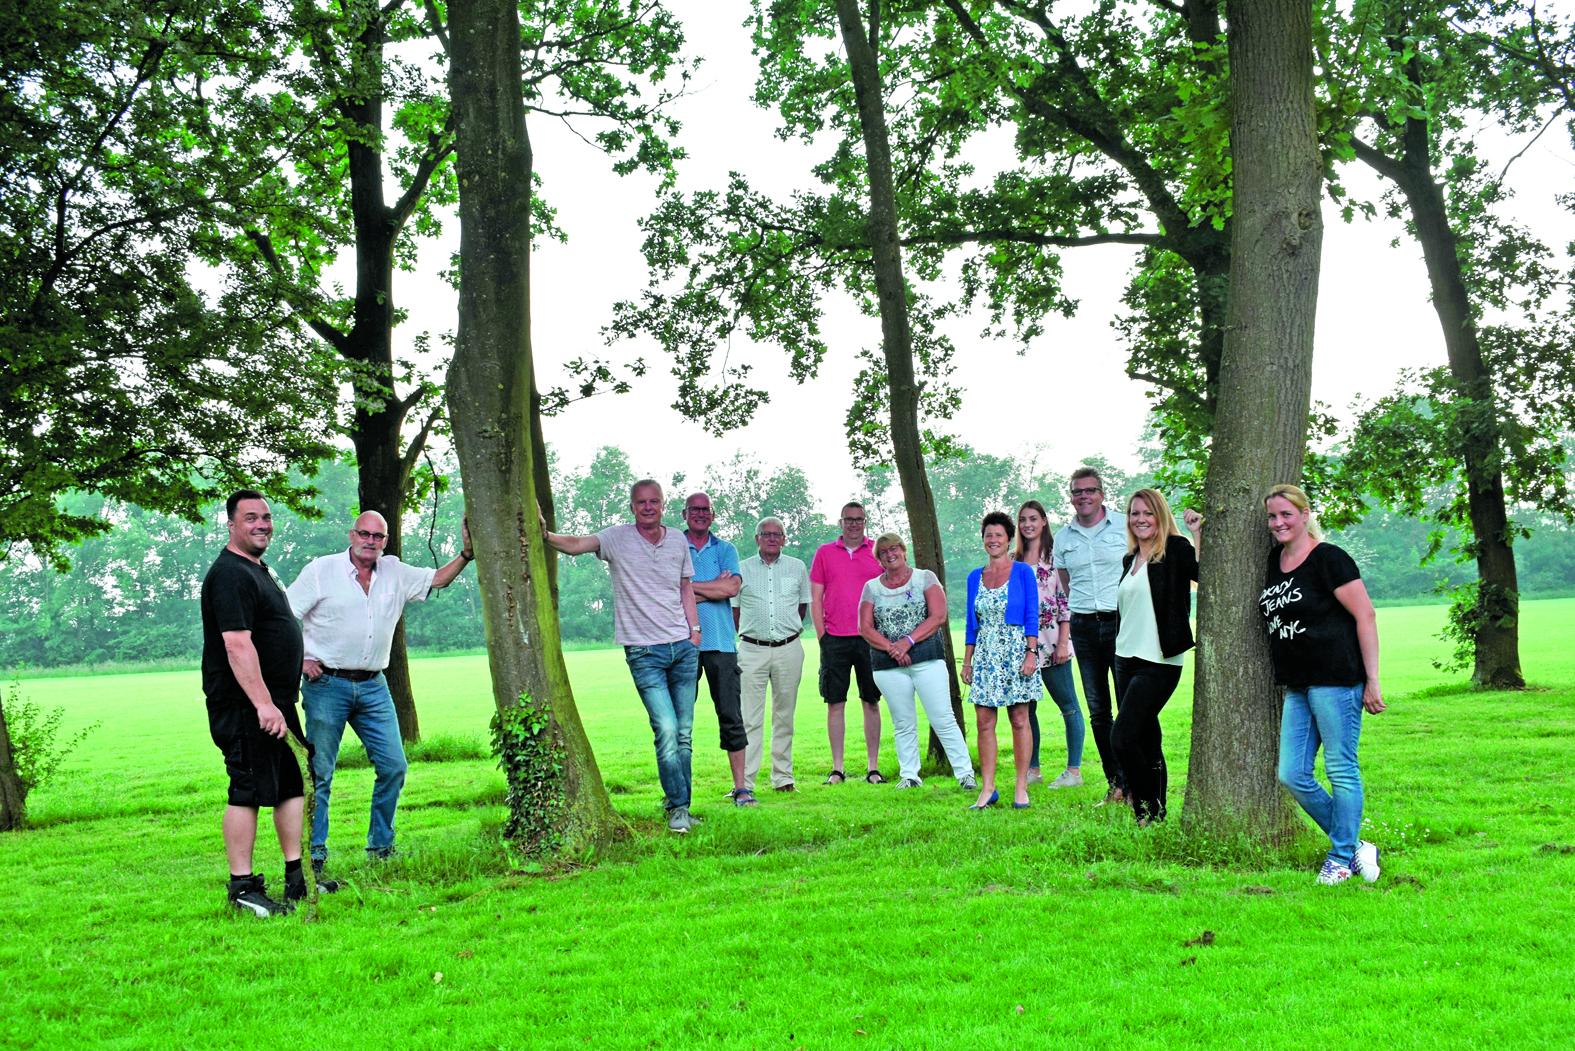 De vaste ploeg vrijwilligers van SamenLoop voor Hoop Zaanstad  tussen de bomen van het herdenkingsbos. (Foto: Yvette van der Does/RM)